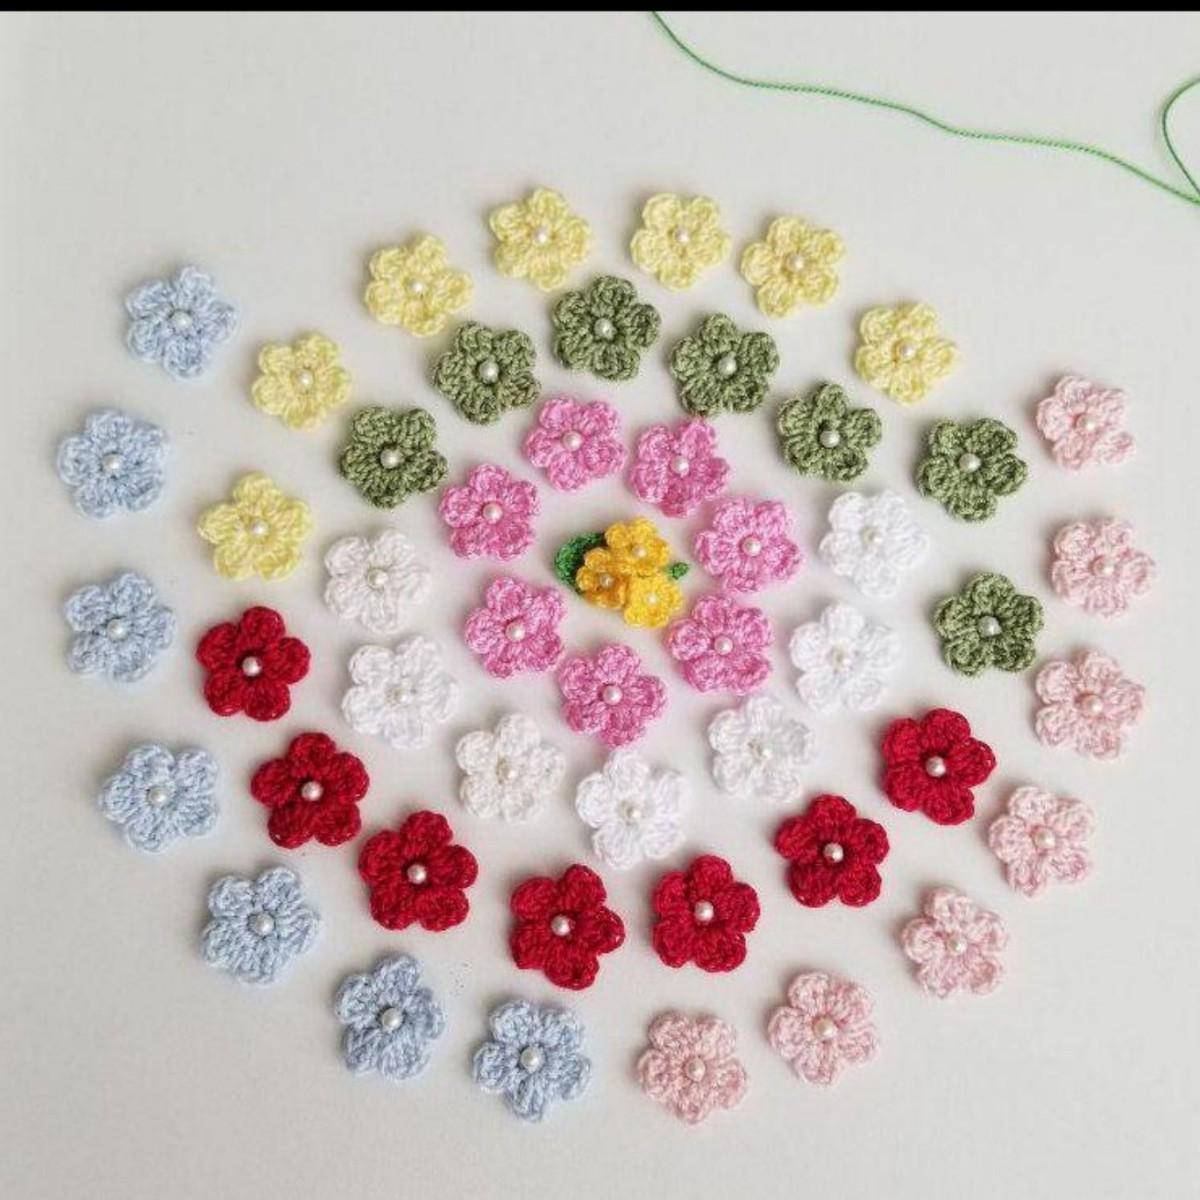 ハンドメイド手編み ビーズ付きフラワー モチーフ 全50枚セット ハンドメイド